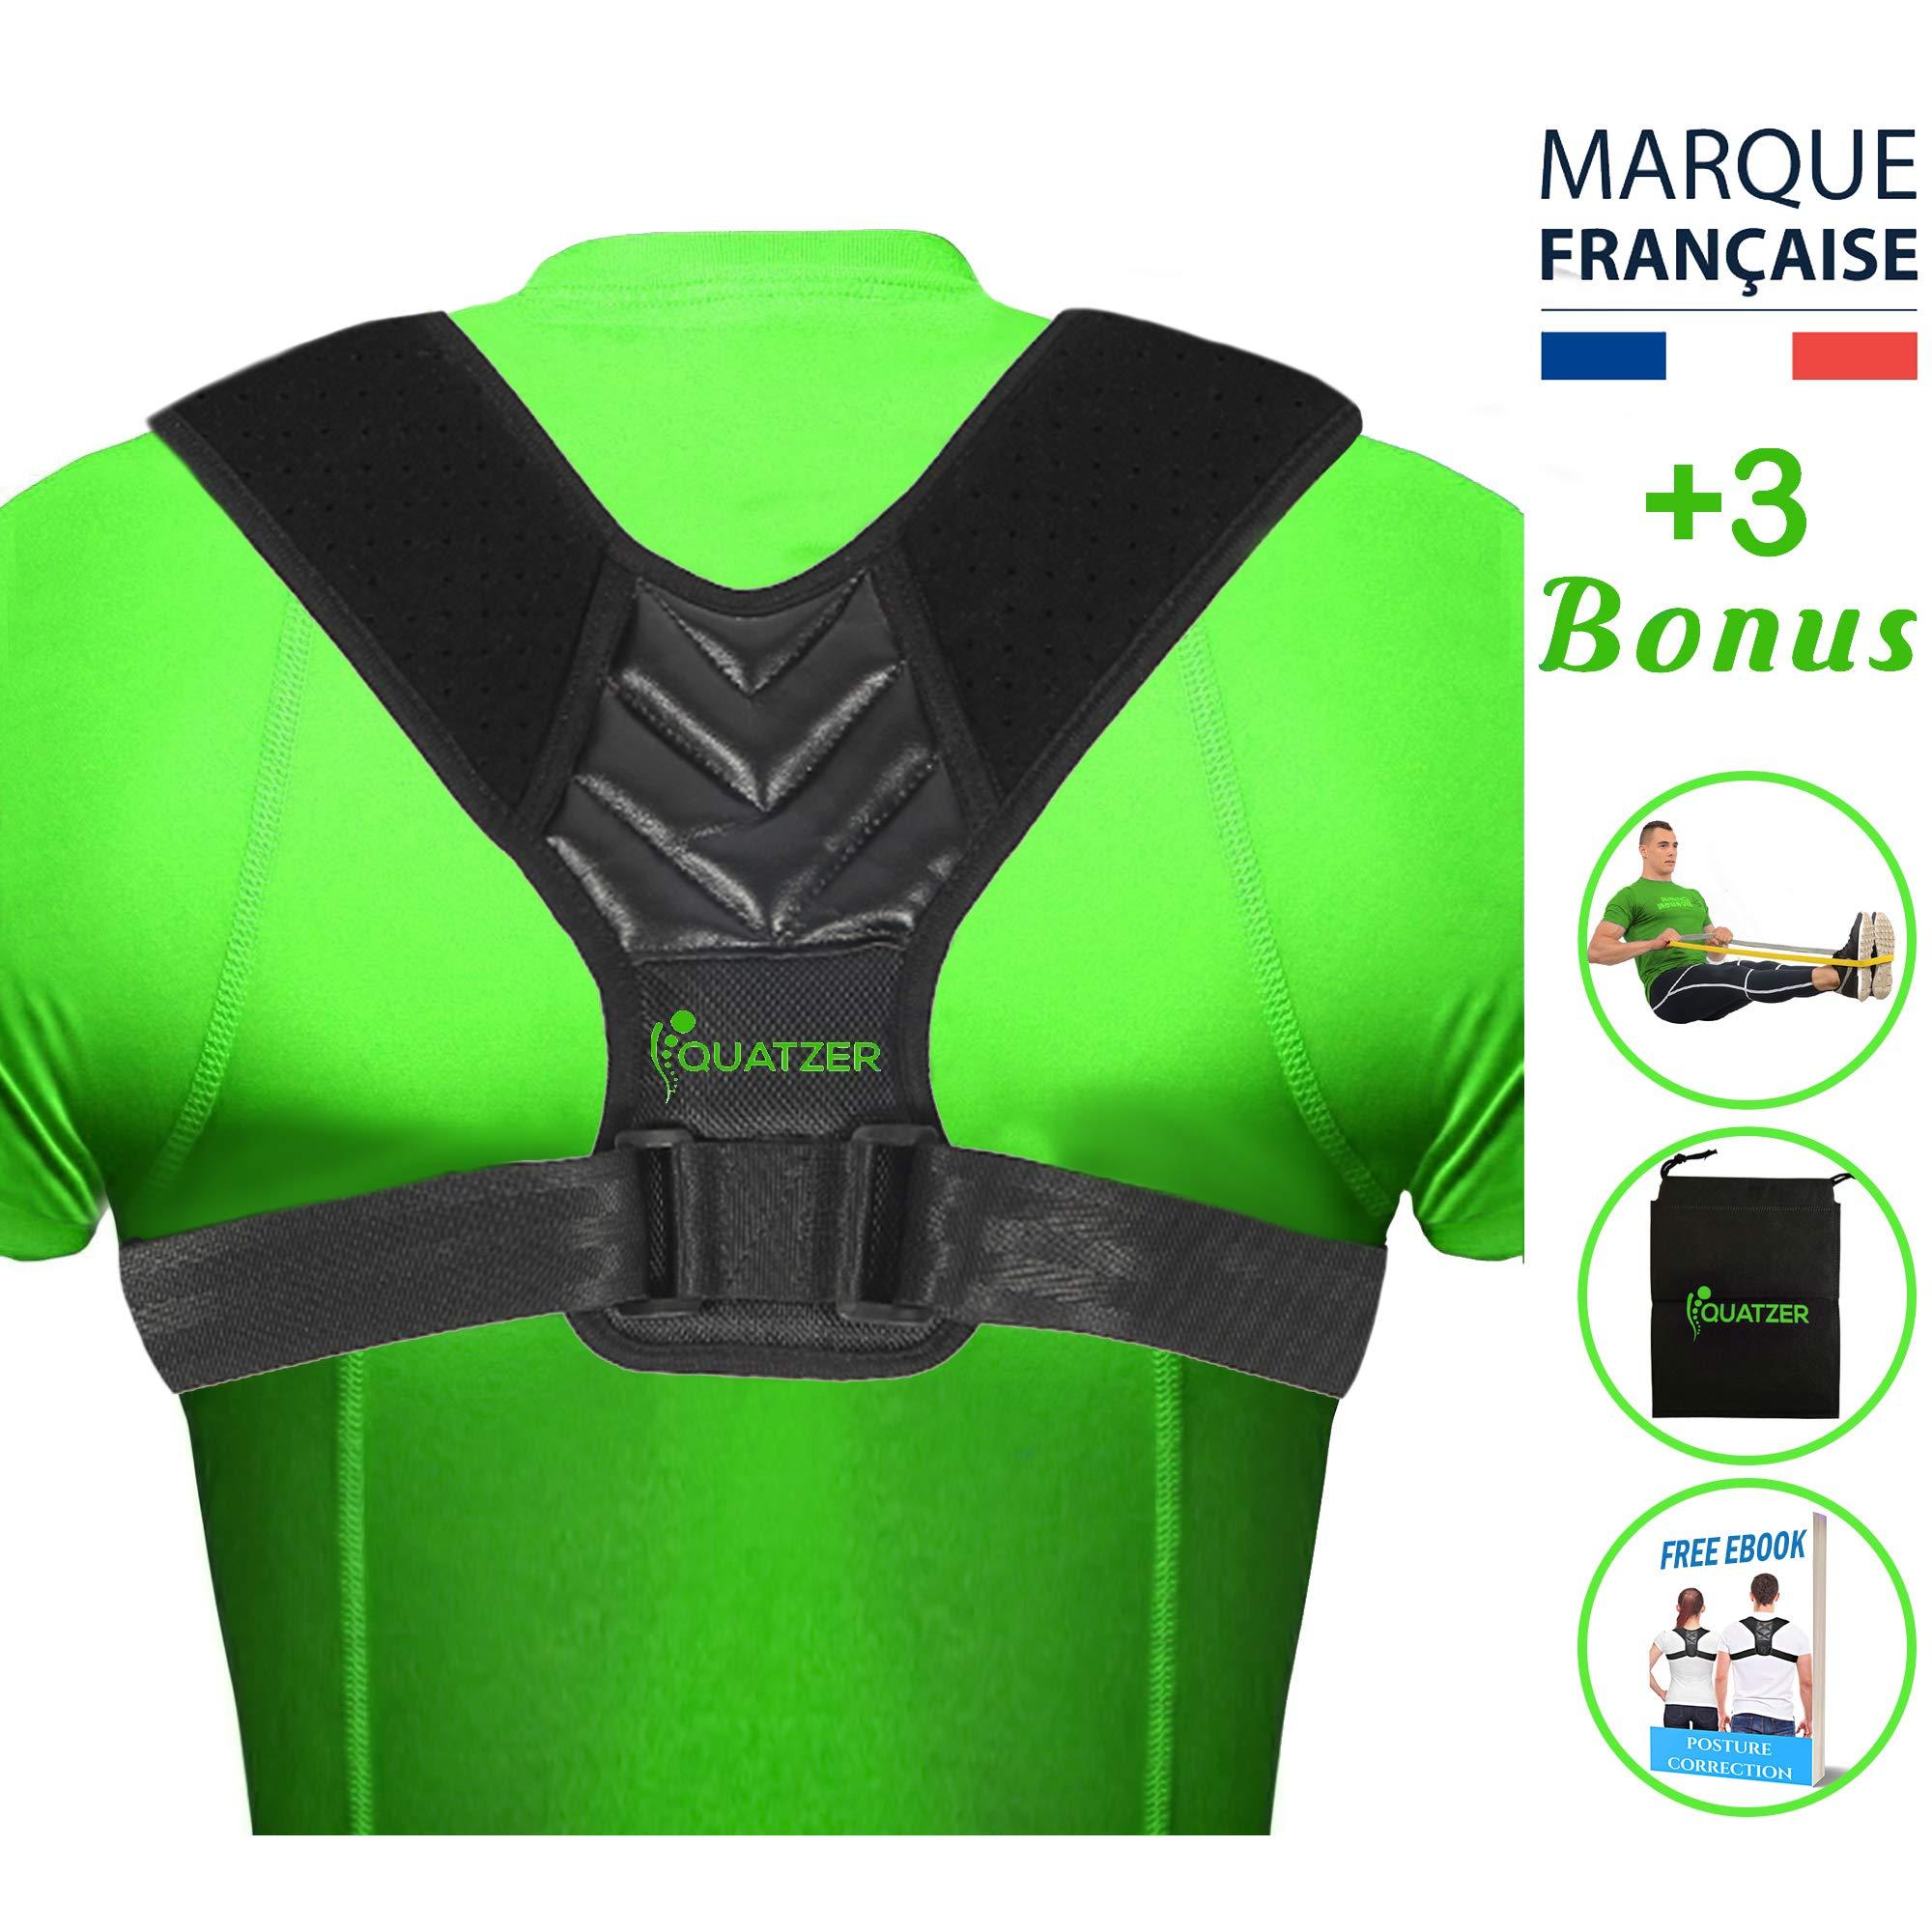 Correcteur de posture dos - Correcteur de posture léger et facile à porter